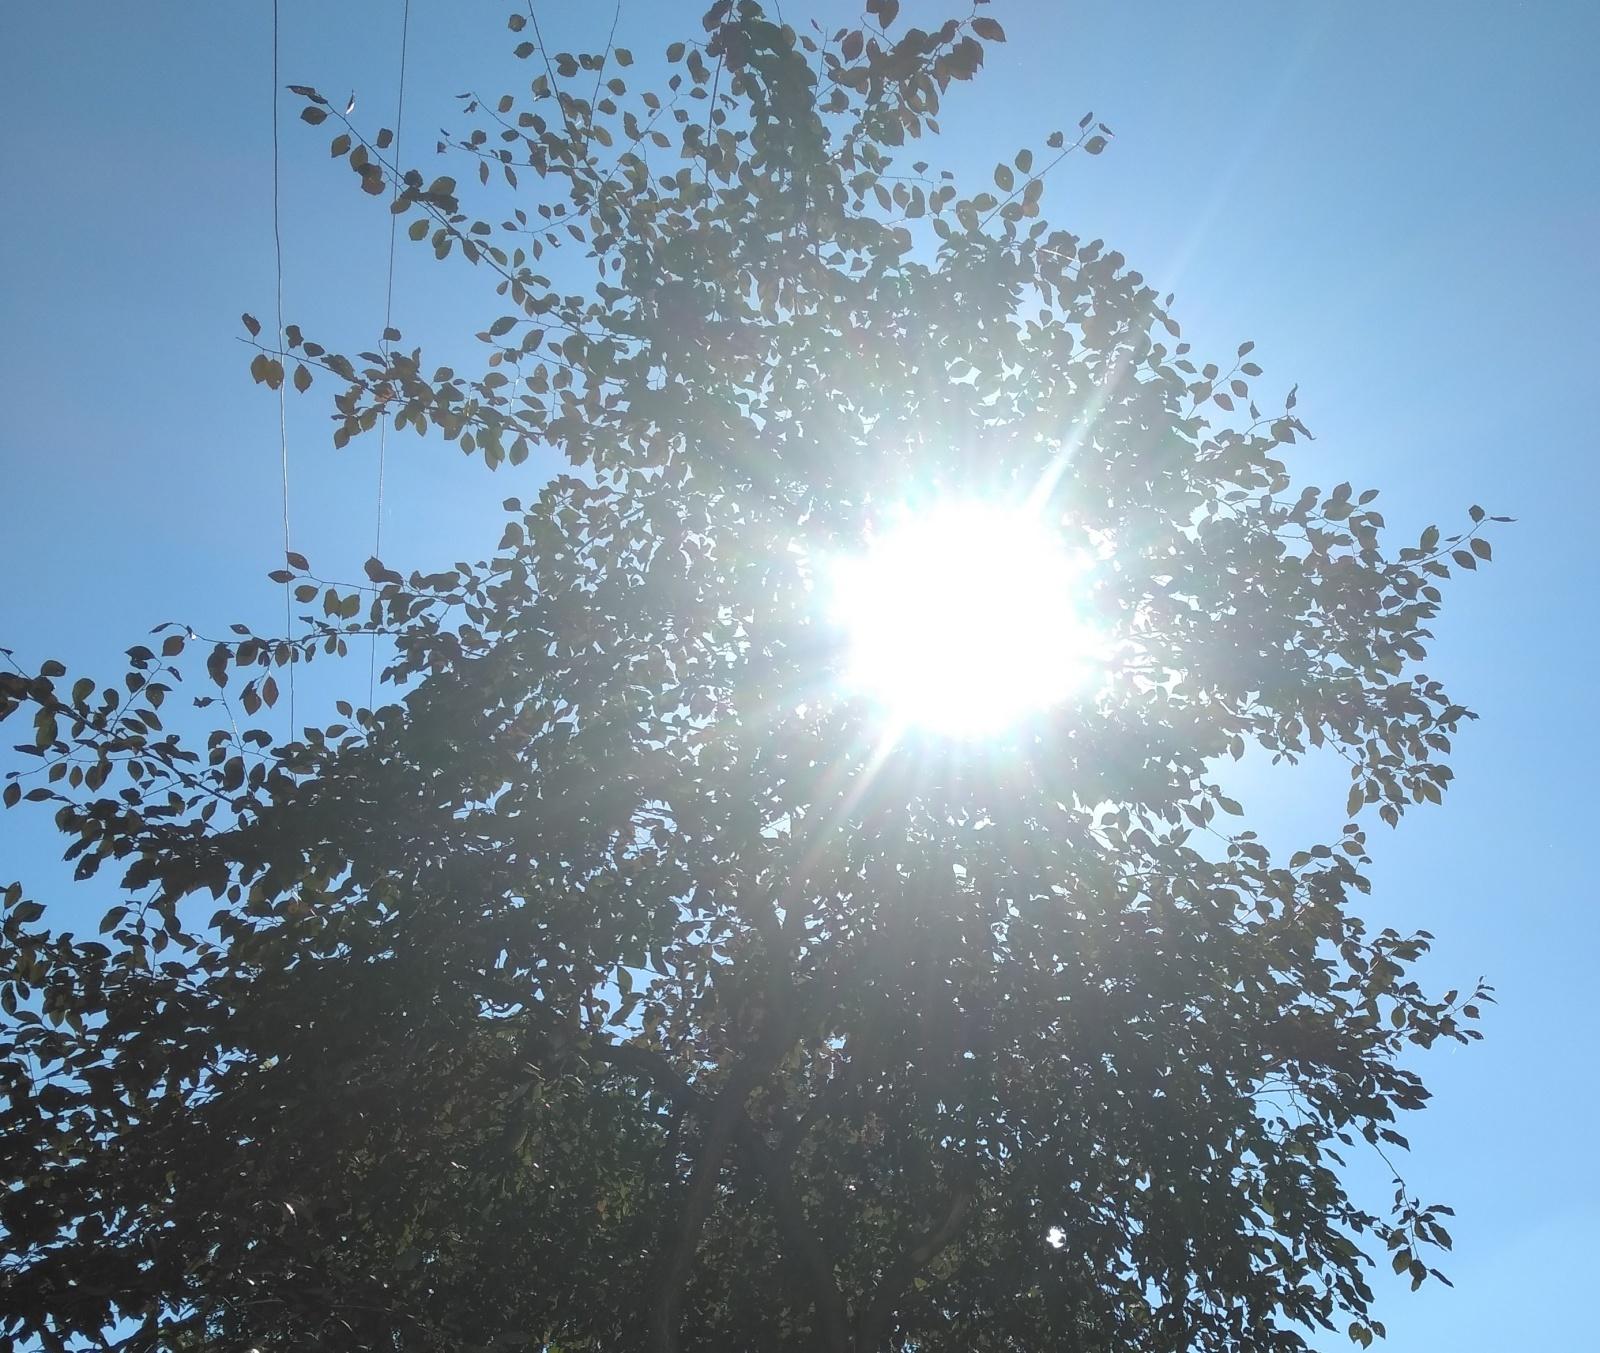 Внутри яркого круга тоже есть ветки и листья, но их не видно